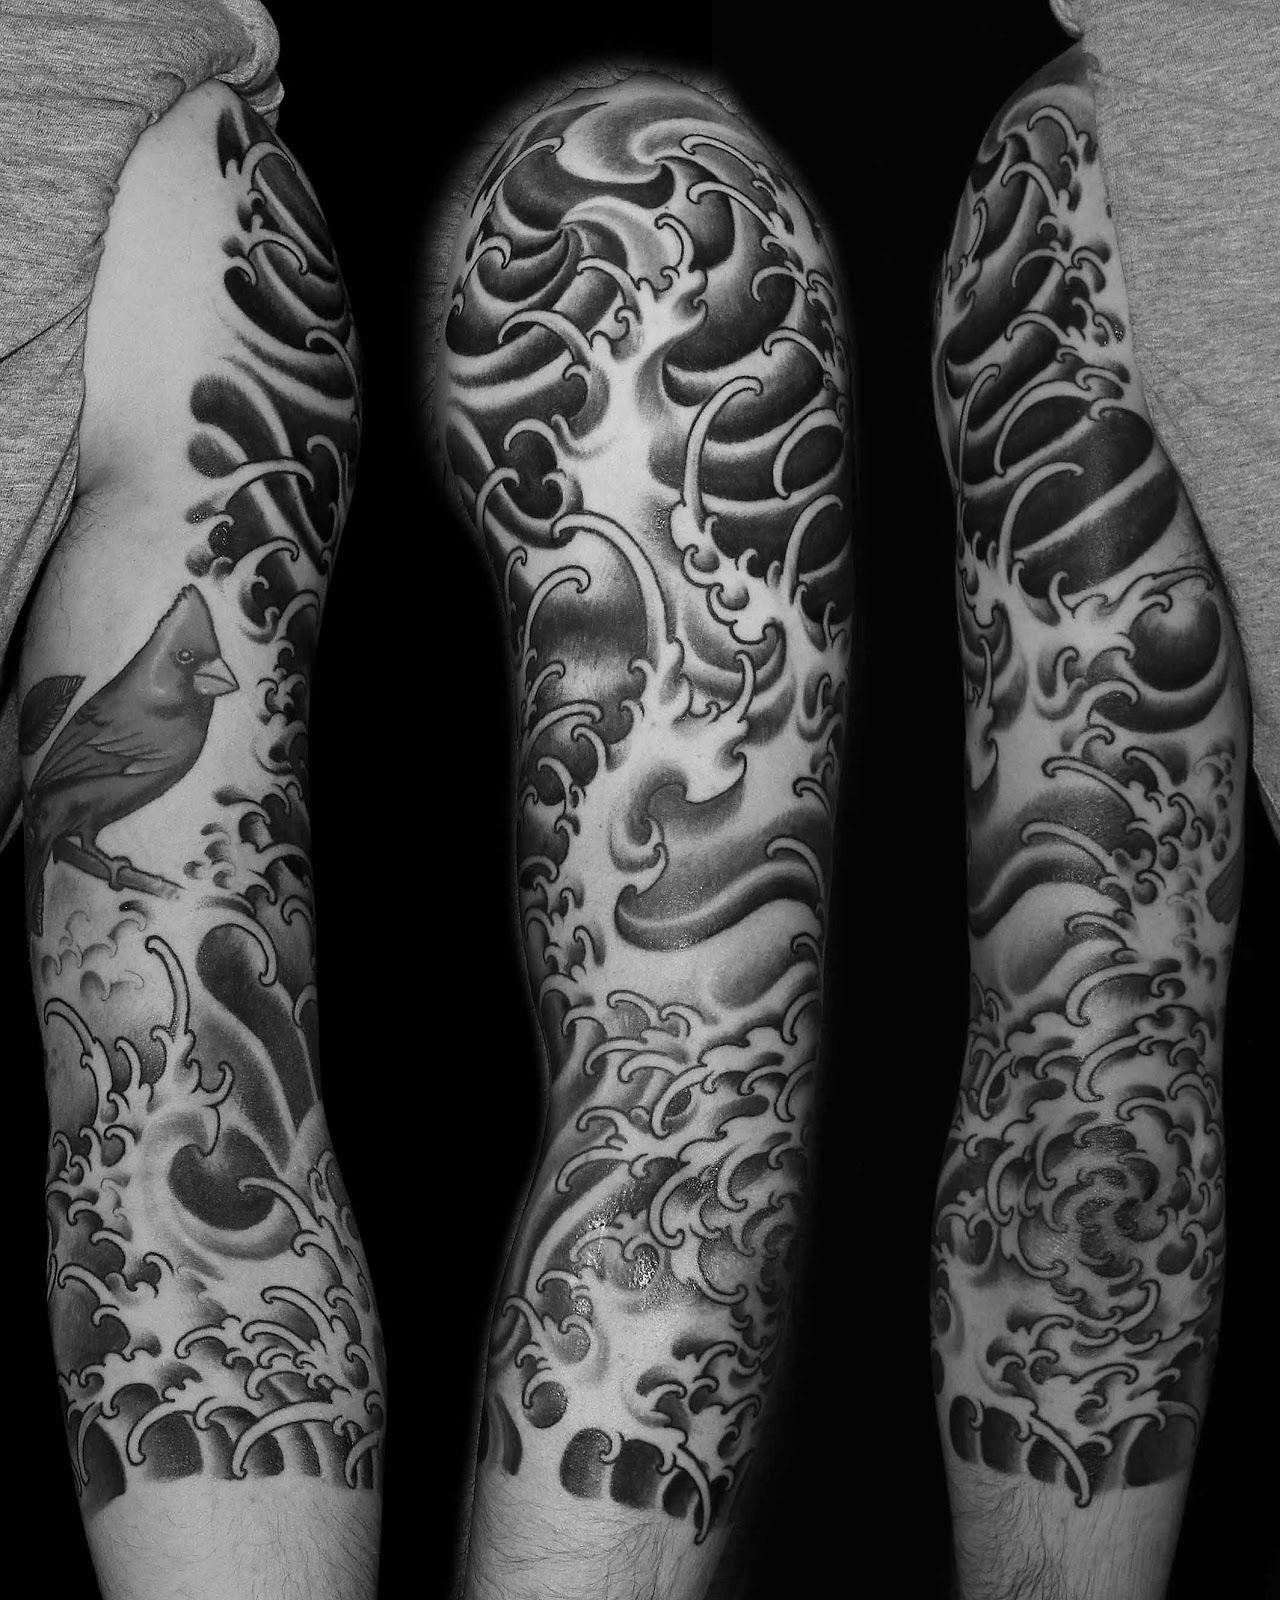 Japanese Sleeve Tattoo Japanese Sleeve Tattoos Water Tattoo Sleeve Tattoos